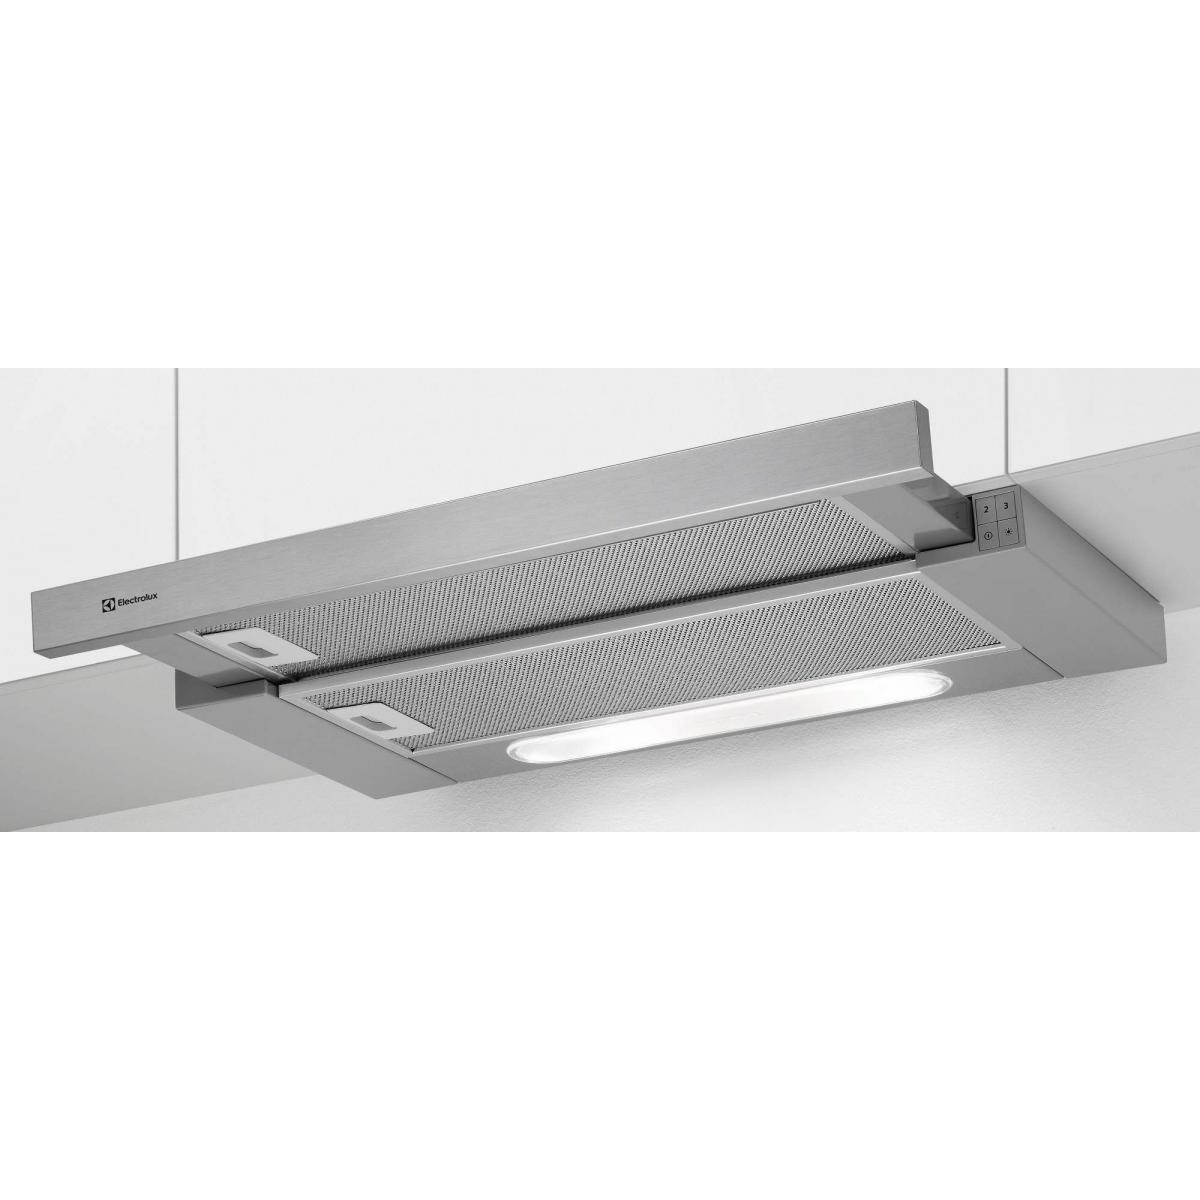 Electrolux Hotte tiroir 603m³/h ELECTROLUX 59.8cm A, 1033210